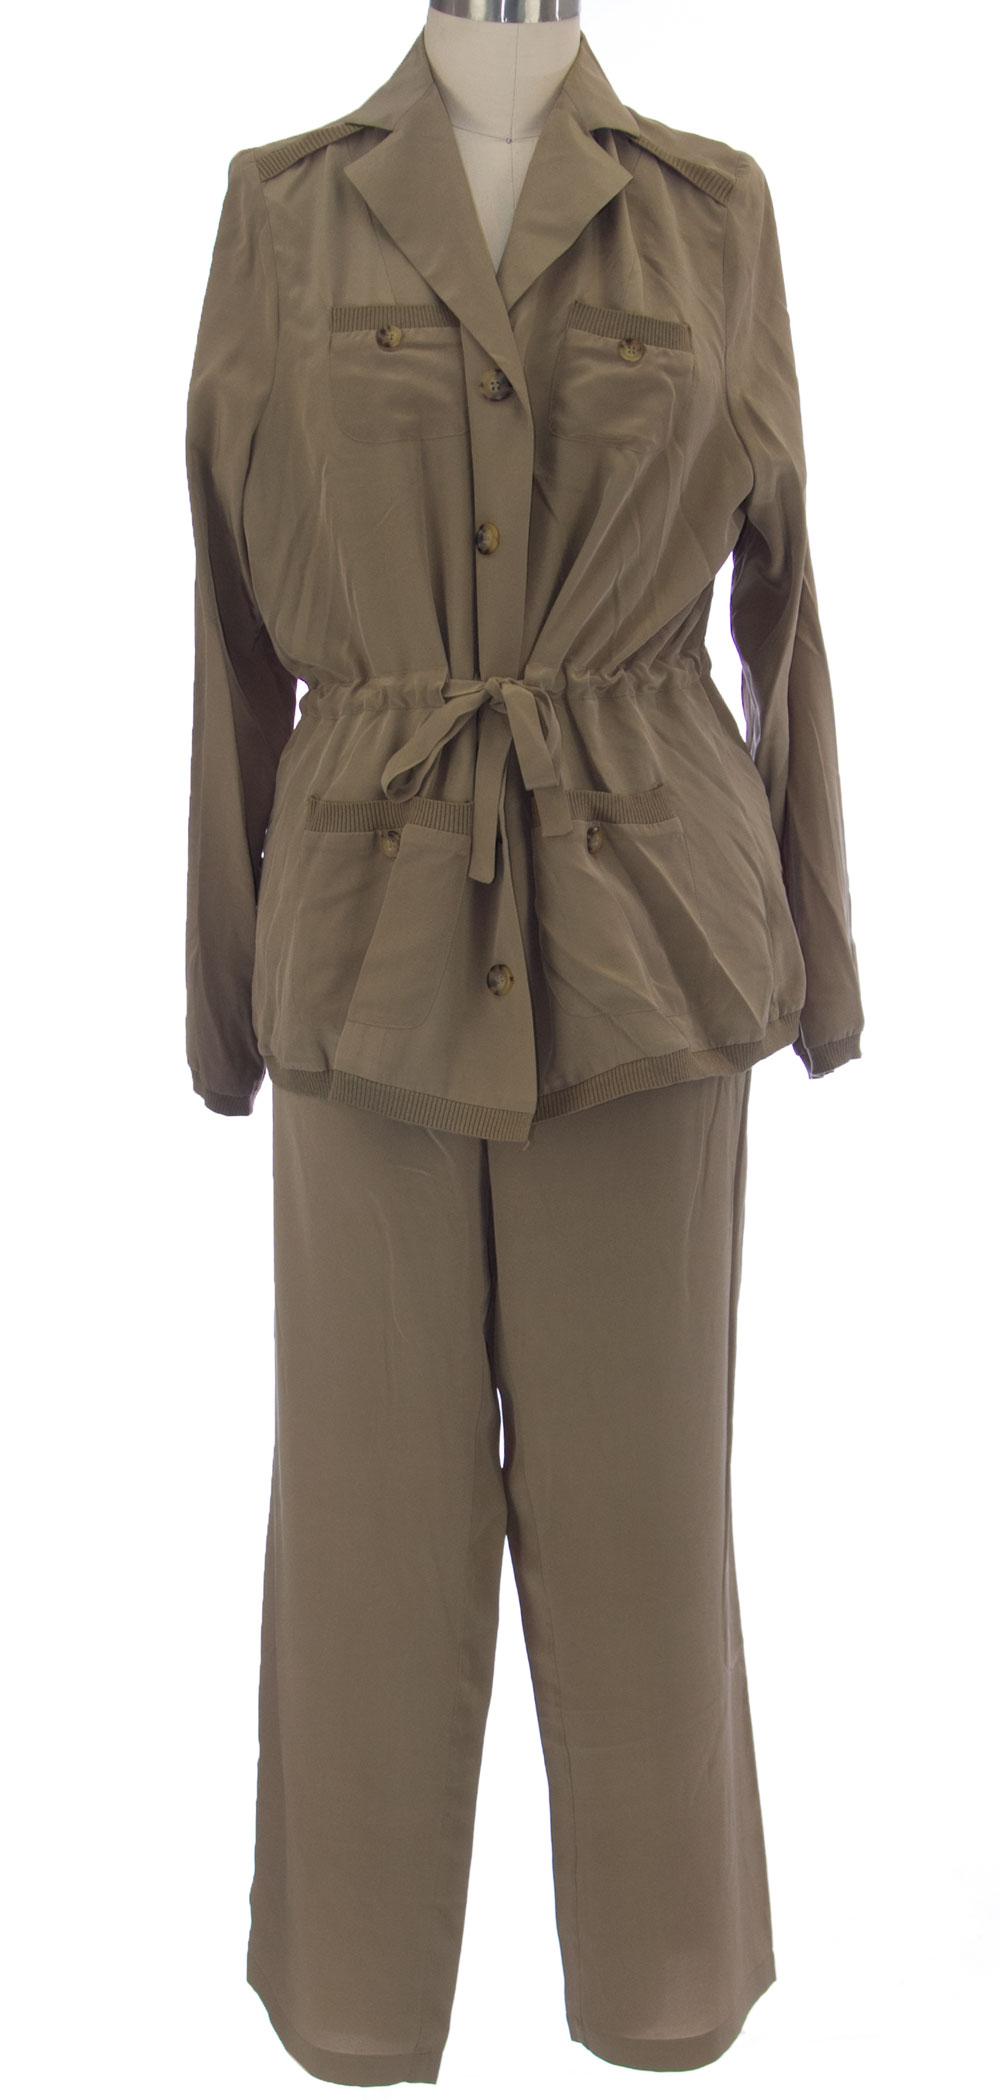 Marina Rinaldi da Maxmara Marchee Khaki 3-pc Giacca Pantalone Vestito 12w